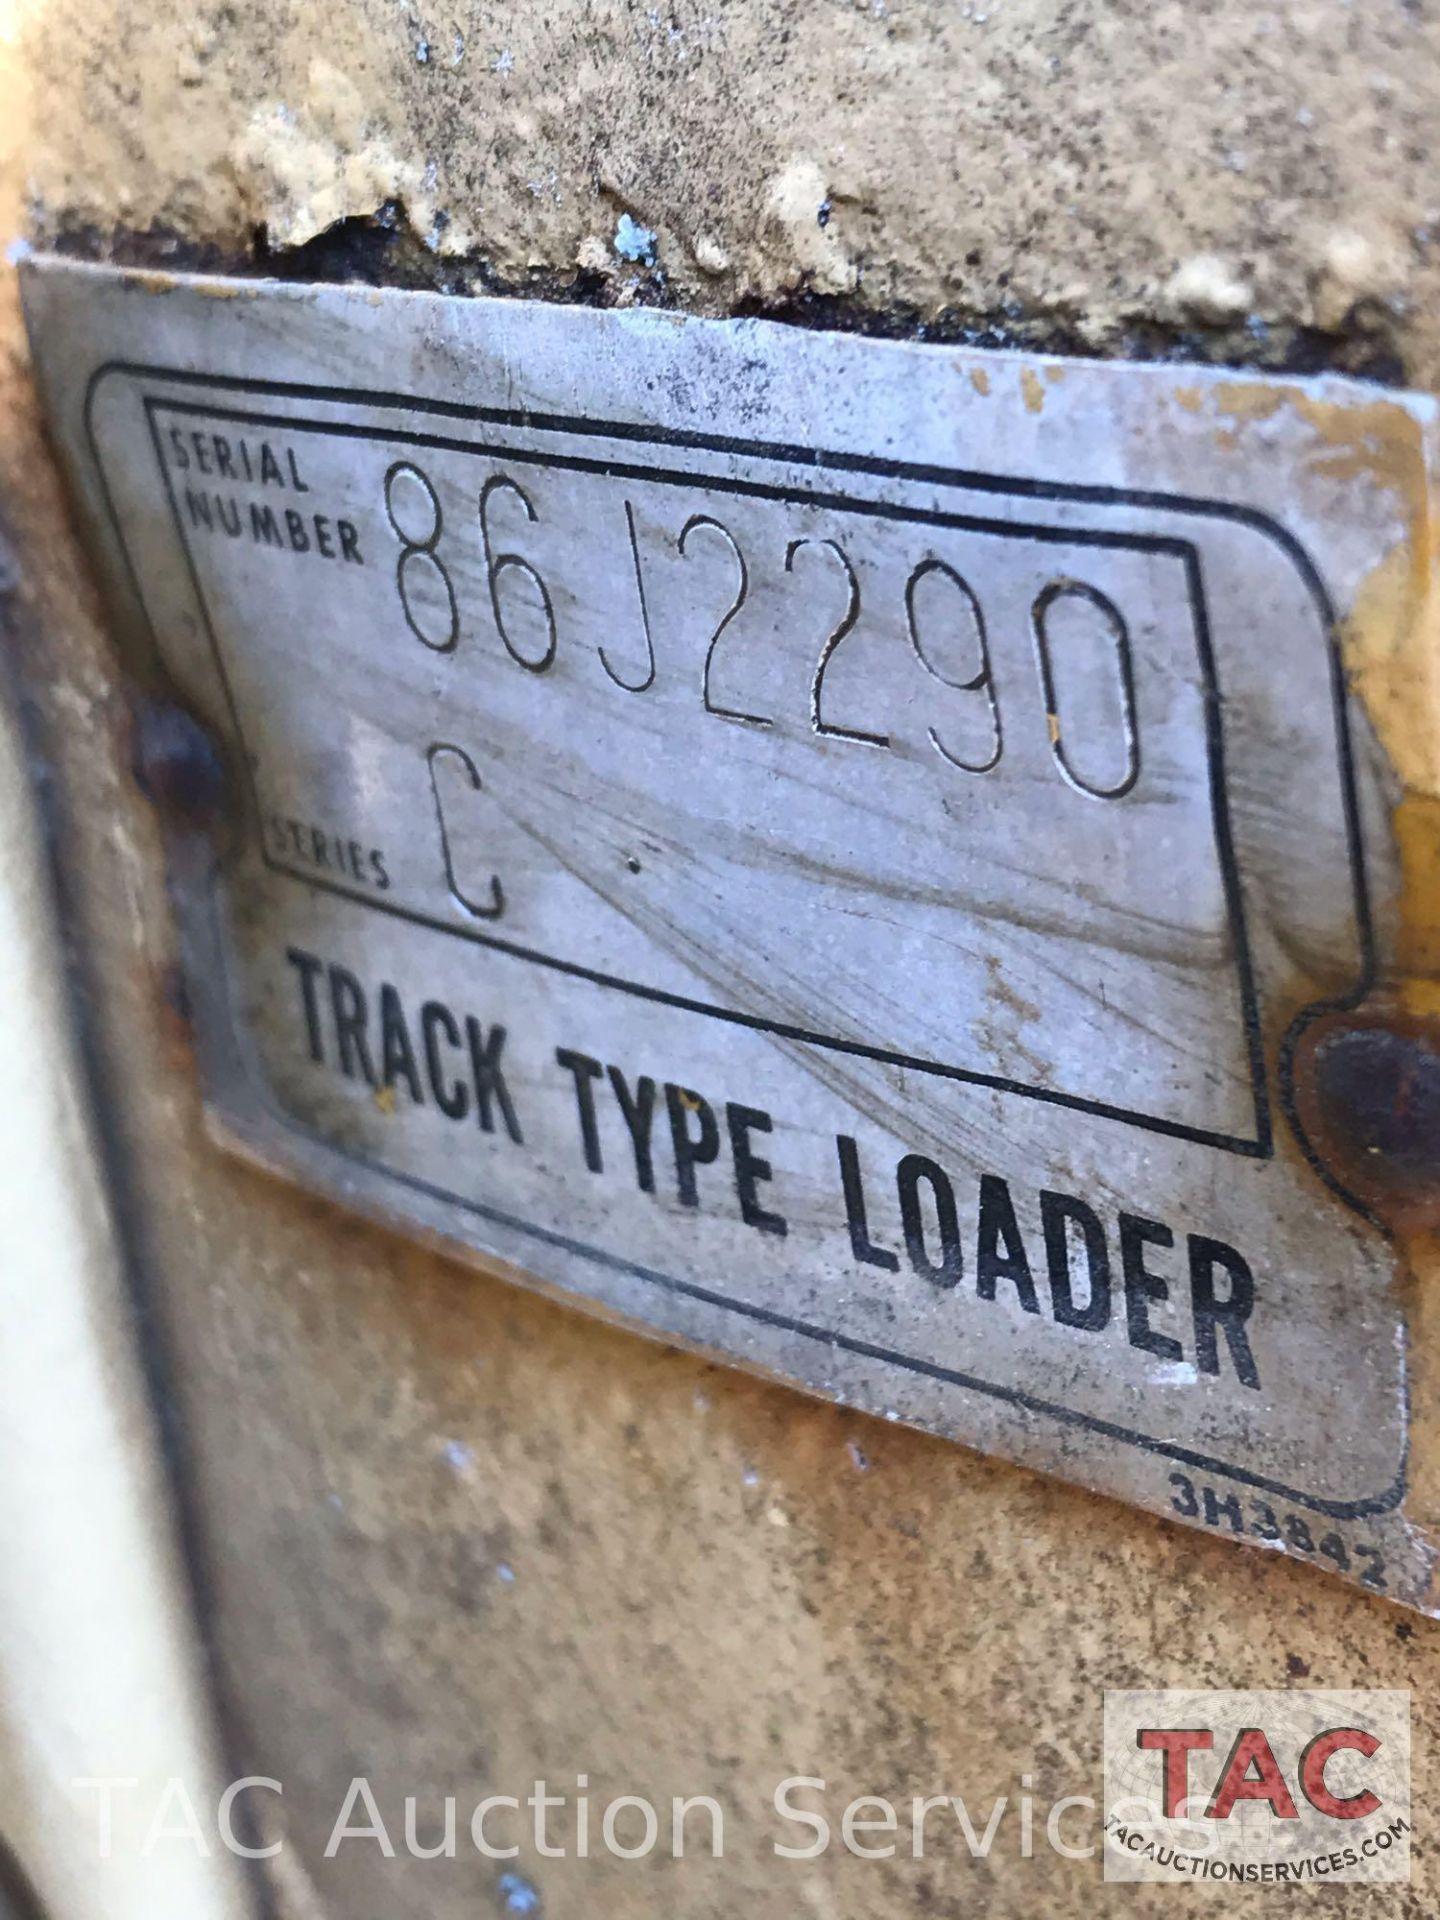 Cat 951c Track Loader - Image 34 of 40